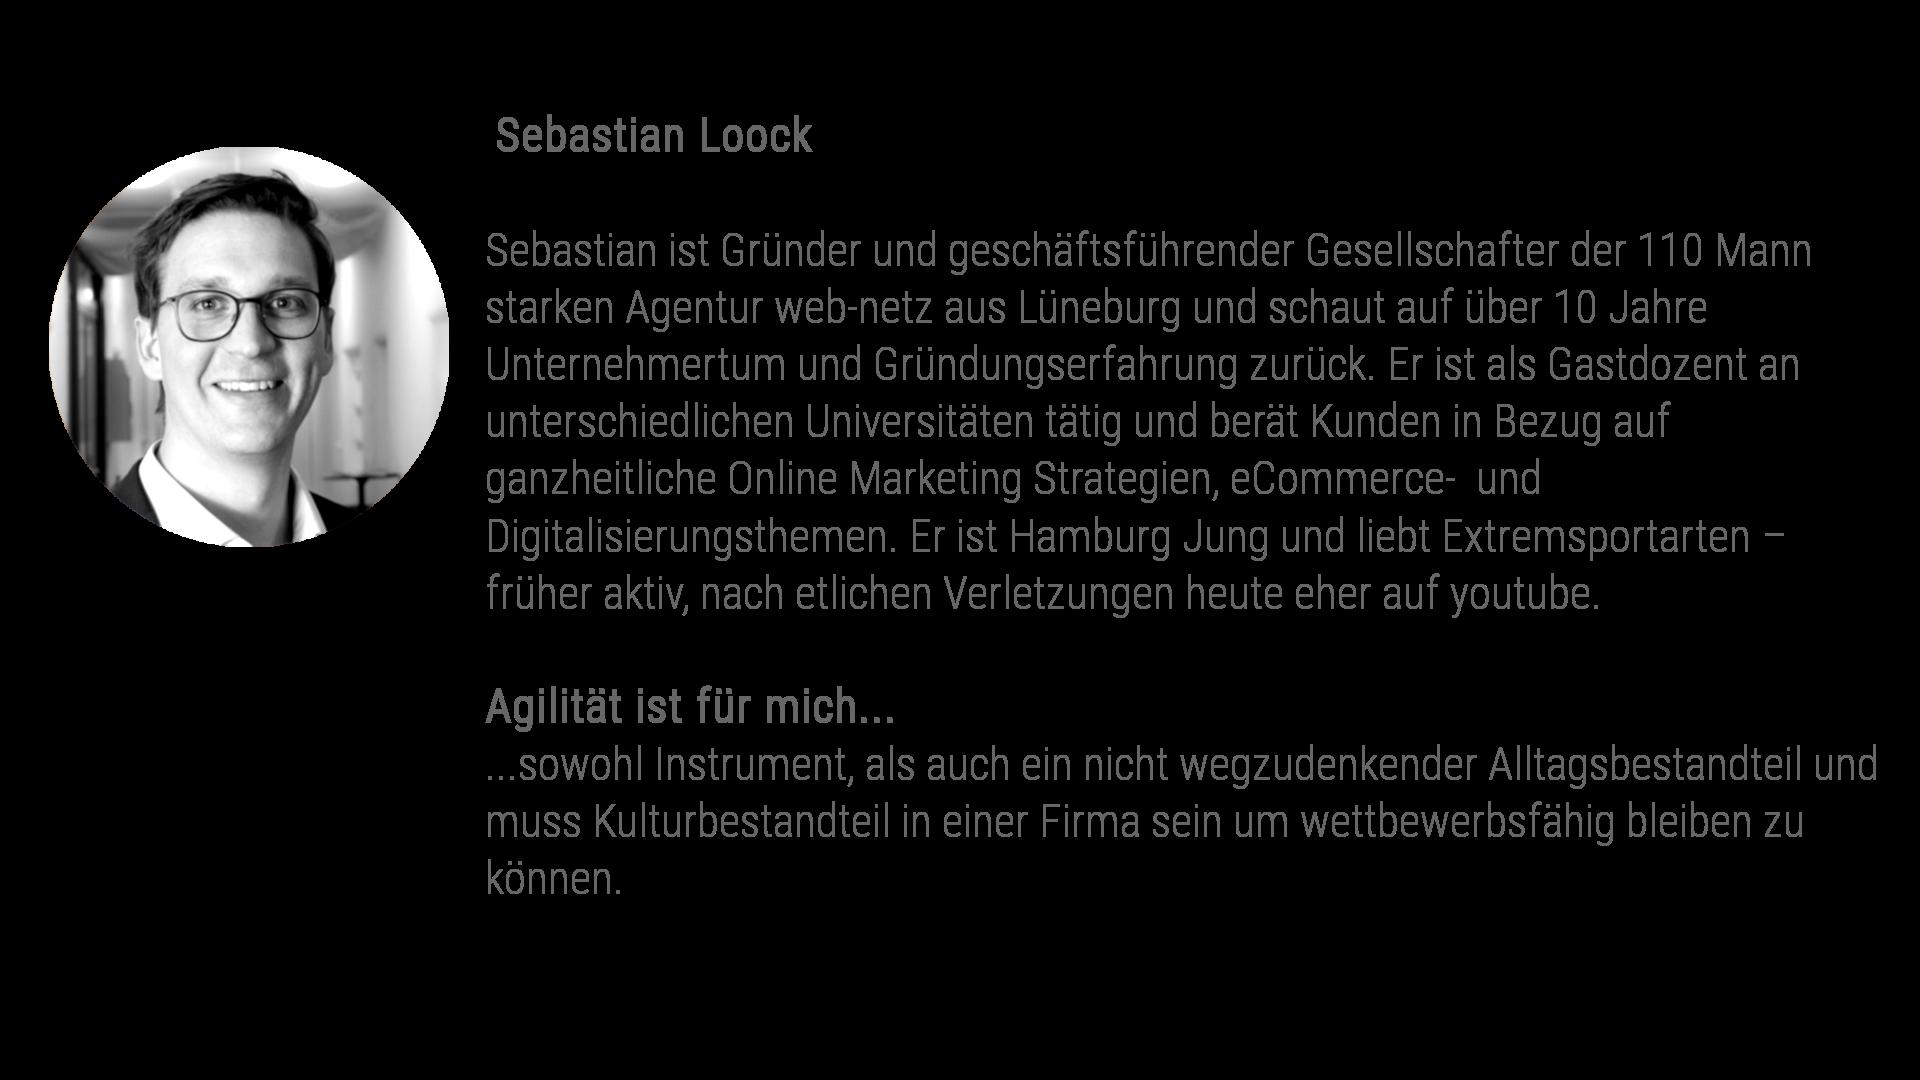 """Sebastian Loock Sebastian Loock ist Gründer und geschäftsführender Gesellschafter der 110 Mann starken Agentur web-netz aus Lüneburg und schaut auf über 10 Jahre Unternehmertum und Gründungserfahrung zurück. Er ist als Gastdozent an unterschiedlichen Universitäten tätig und berät Kunden in Bezug auf ganzheitliche Online Marketing Strategien, eCommerce- und Digitalisierungsthemen. Sebastian ist Hamburg Jung und liebt Extremsportarten – früher aktiv, nach etlichen Verletzungen heute eher auf youtube. Agilität ist für mich... ...sowohl Instrument, als auch ein nicht wegzudenkender Alltagsbestandteil und muss Kulturbestandteil in einer Firma sein um wettbewerbsfähig bleiben zu können. Ohne schnelles Reaktionsvermögen auf wechselnde Kundenwünsche, Anpassungsfähigkeit und die damit einhergehende Bereitschaft sich ständig über Feedbackmechanismen zu verbessern, kann ein Unternehmen in einem digitalen Umfeld heutzutage nicht langfristig erfolgreich sein."""""""